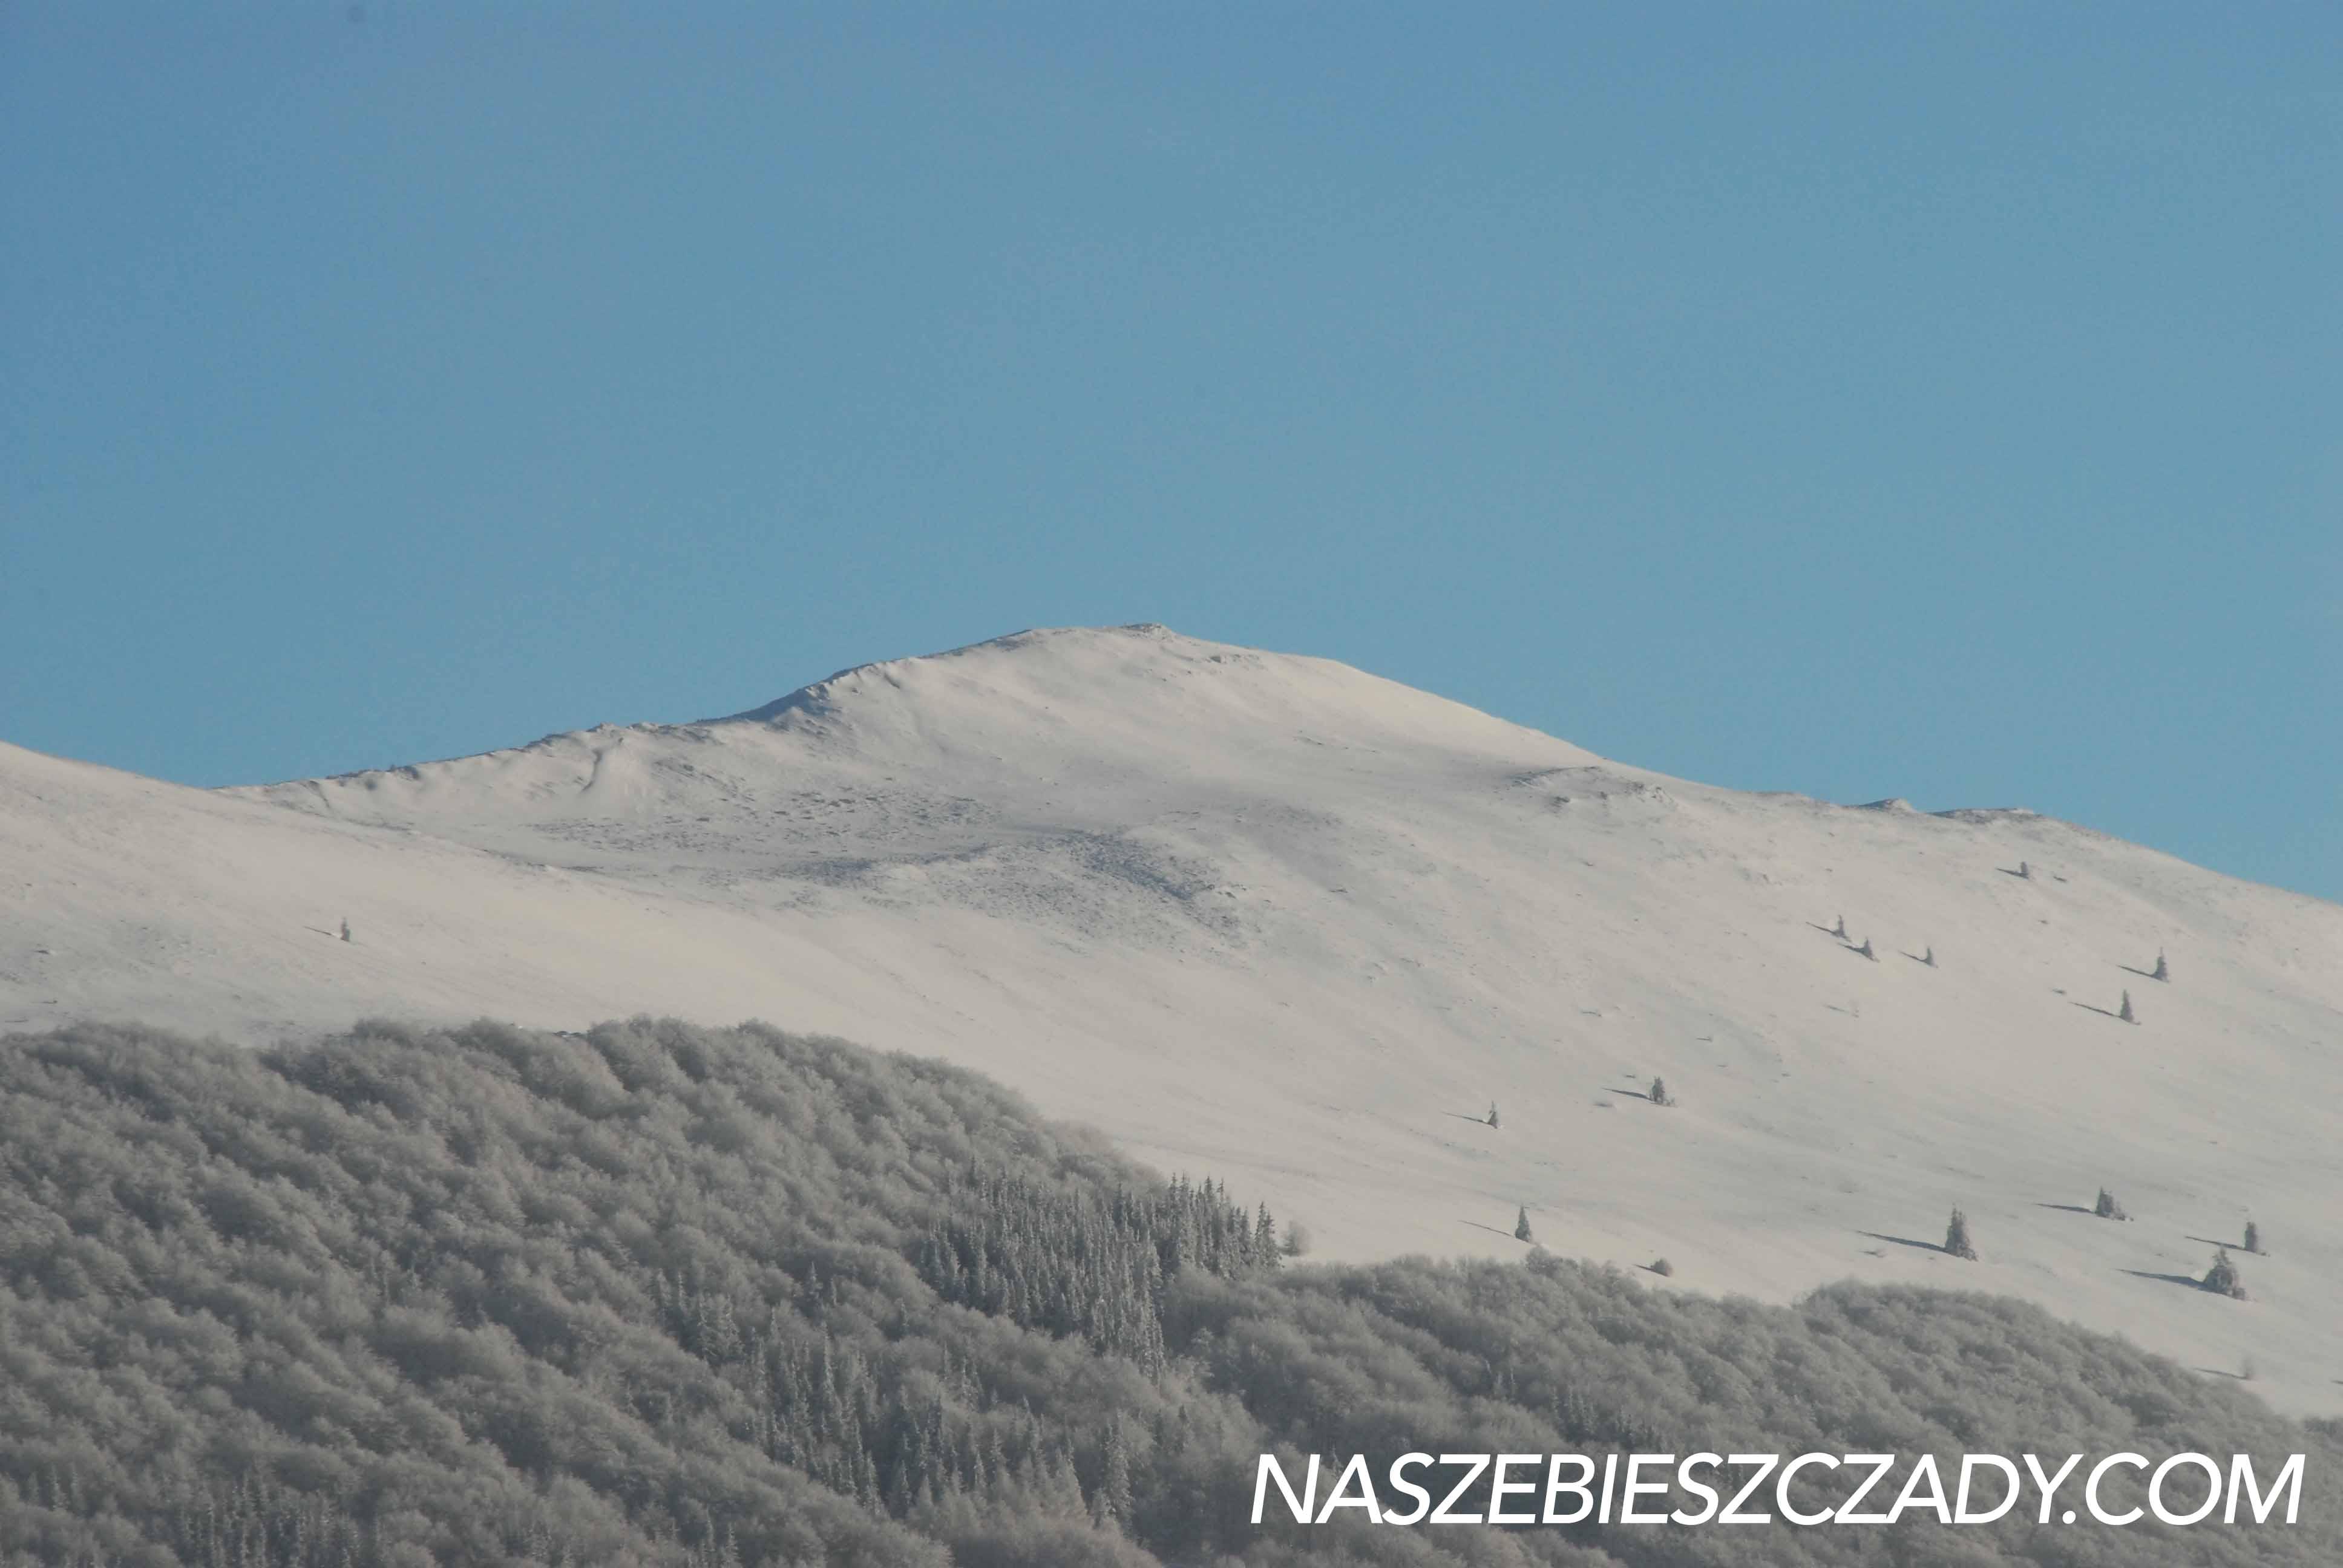 Zimowe atrakcje w Bieszczadach